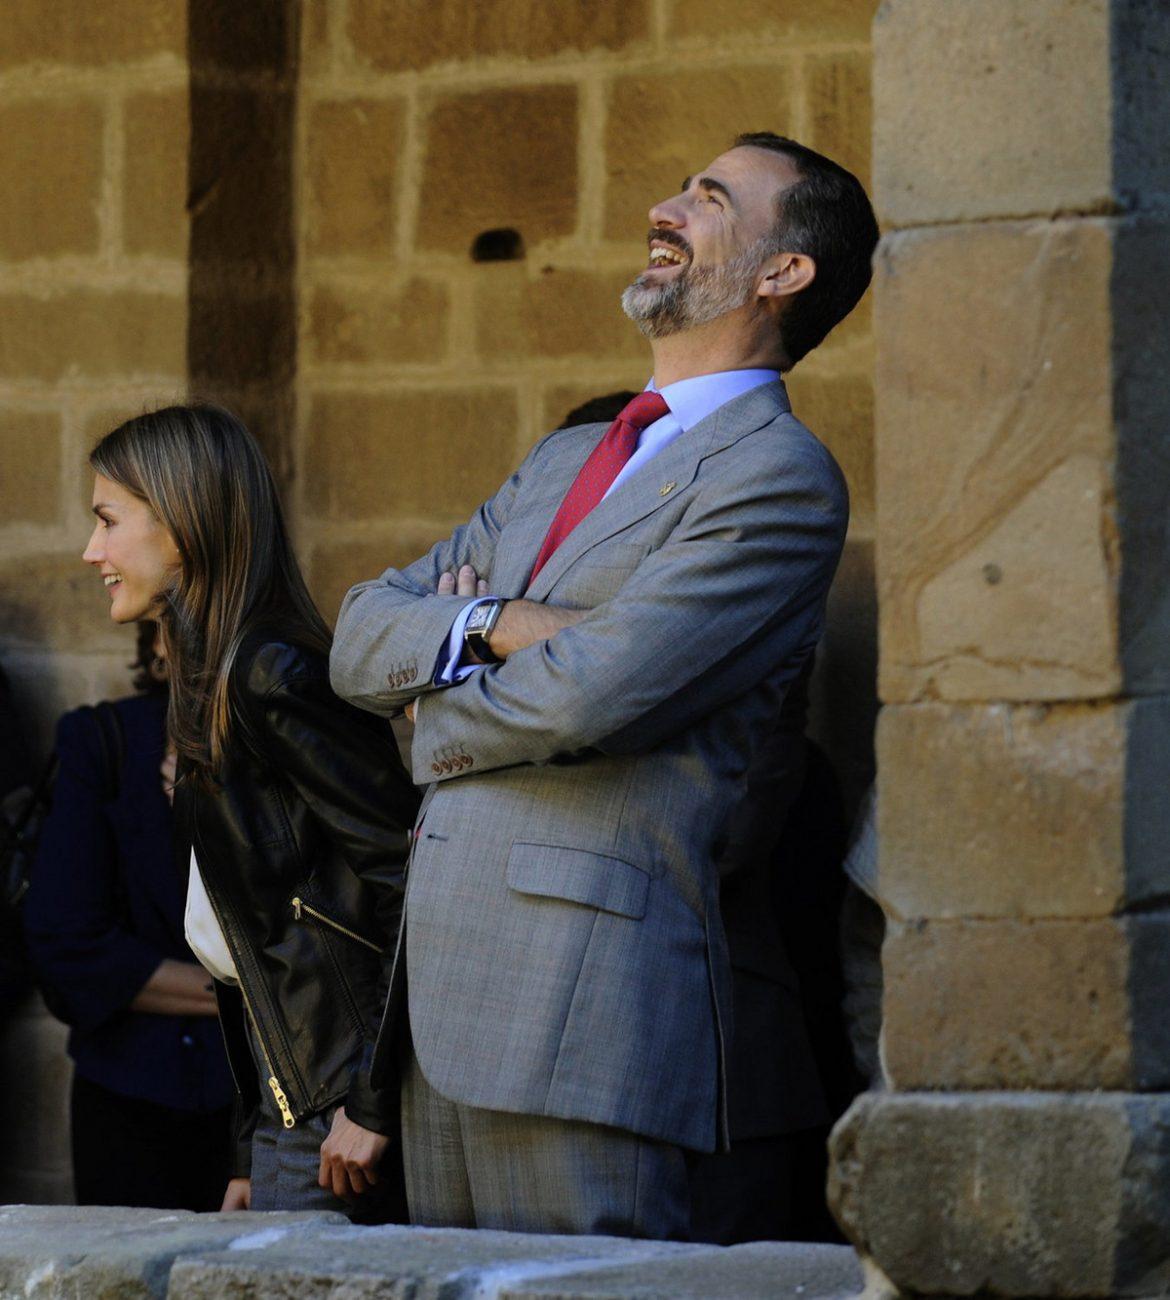 Španski kralj u karantinu zbog kontakta sa osobom zaraženom korona virusom